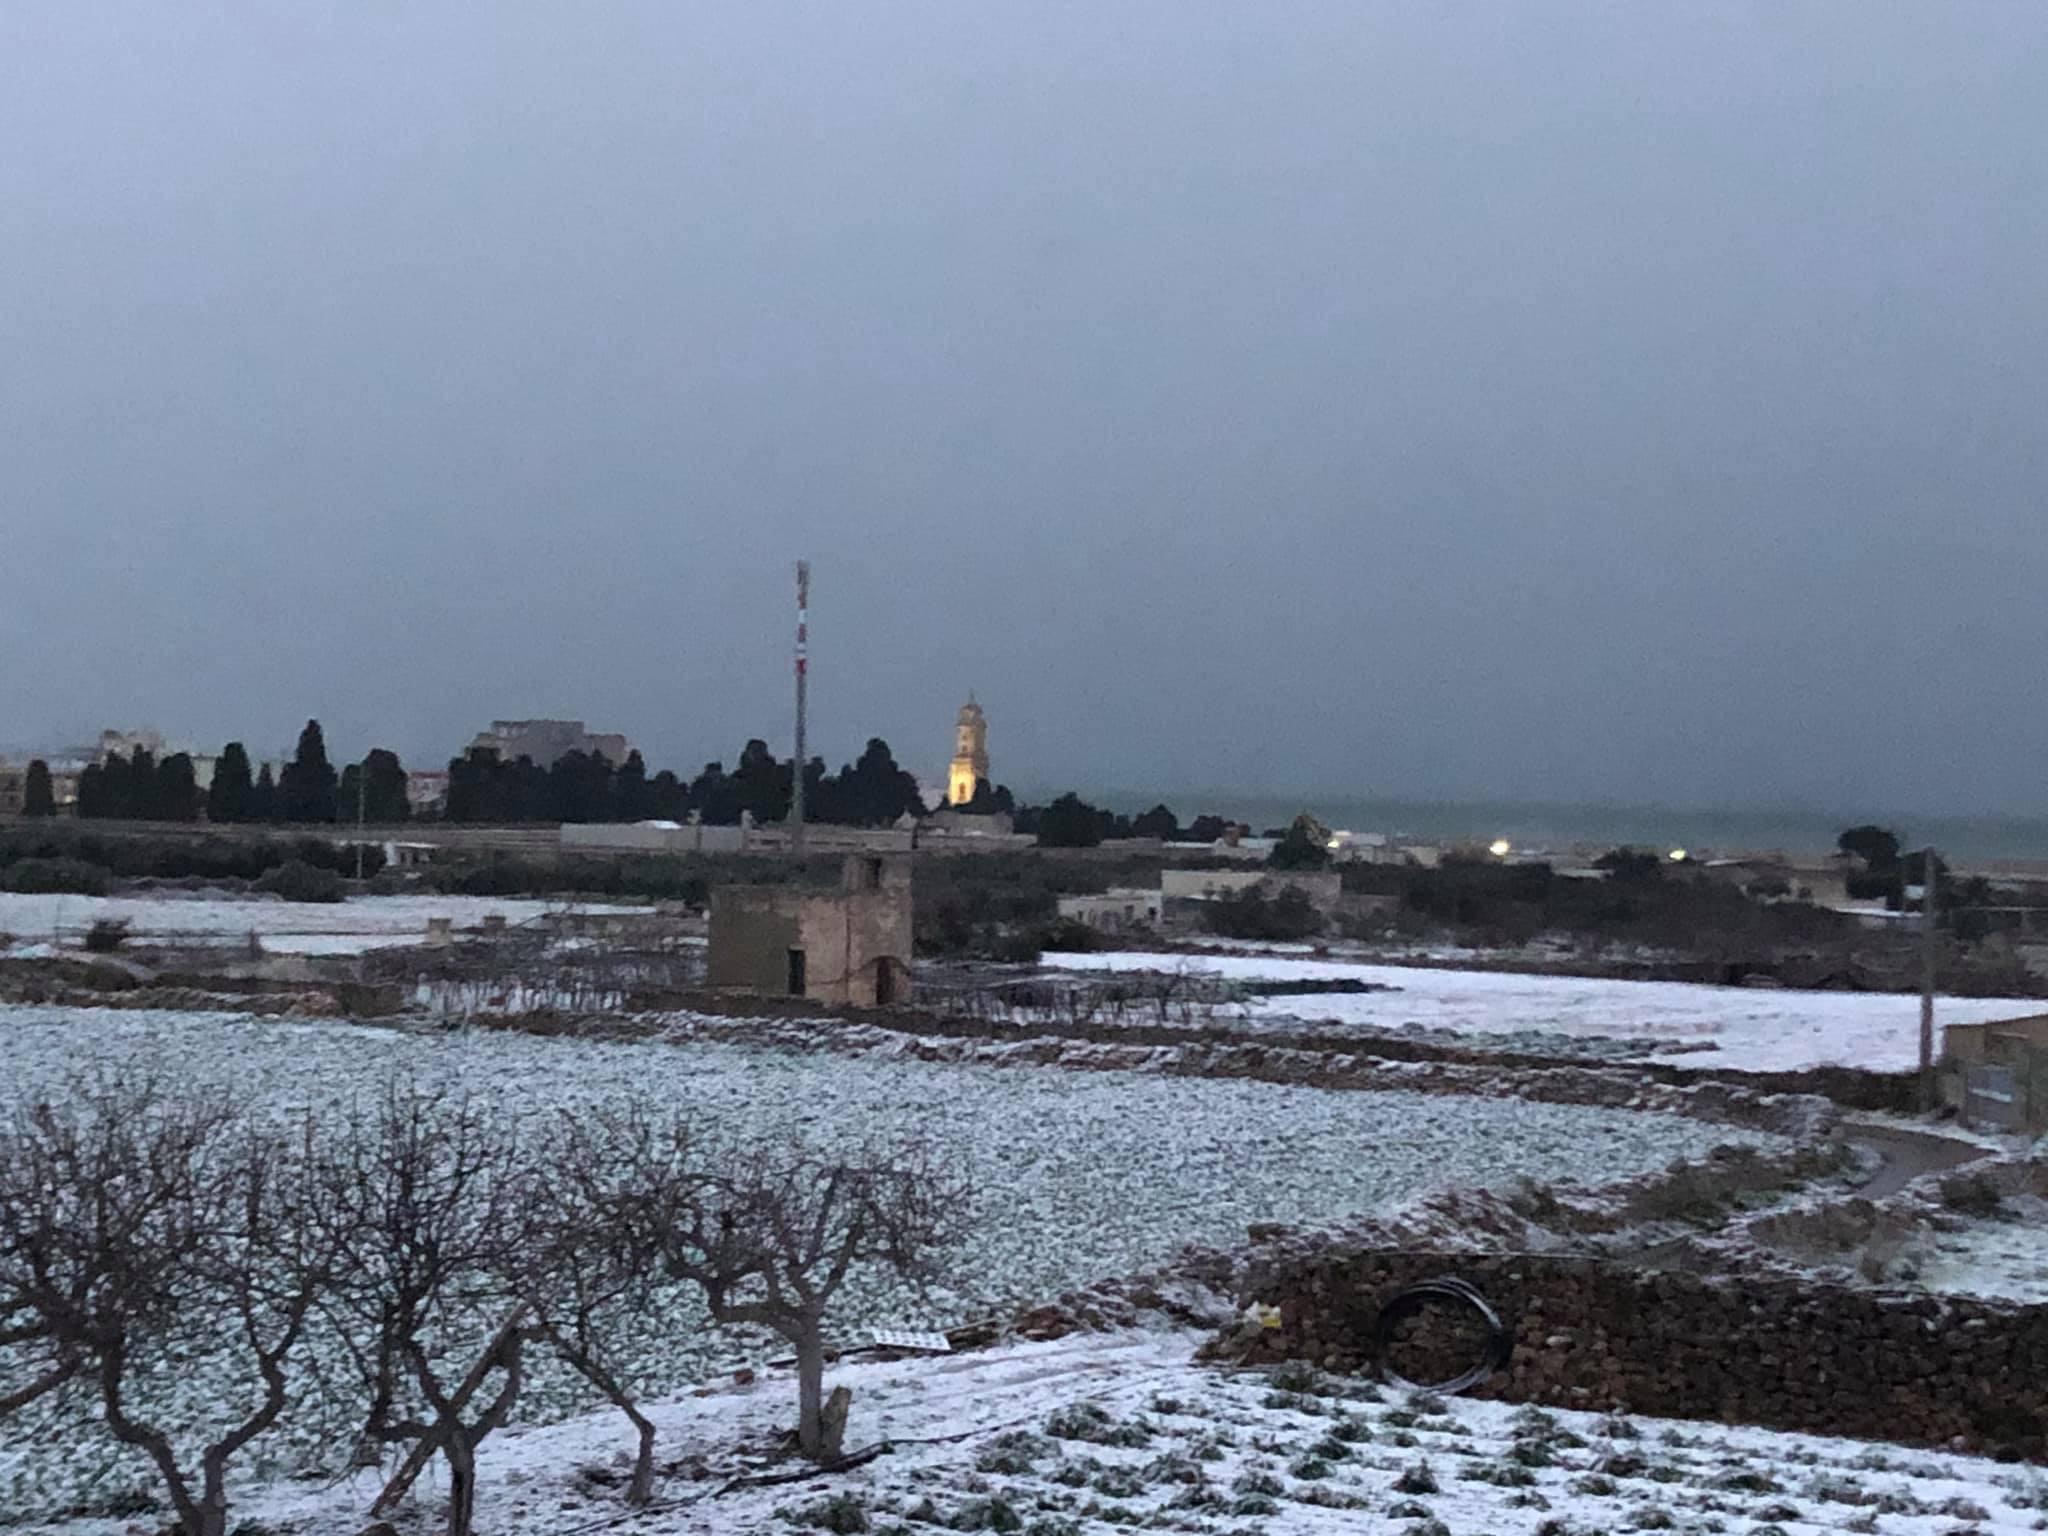 Galleria fotografica neve 03-04 gennaio 2019-fef01a84-efcf-4495-8c46-4f9b166b5bb4.jpeg